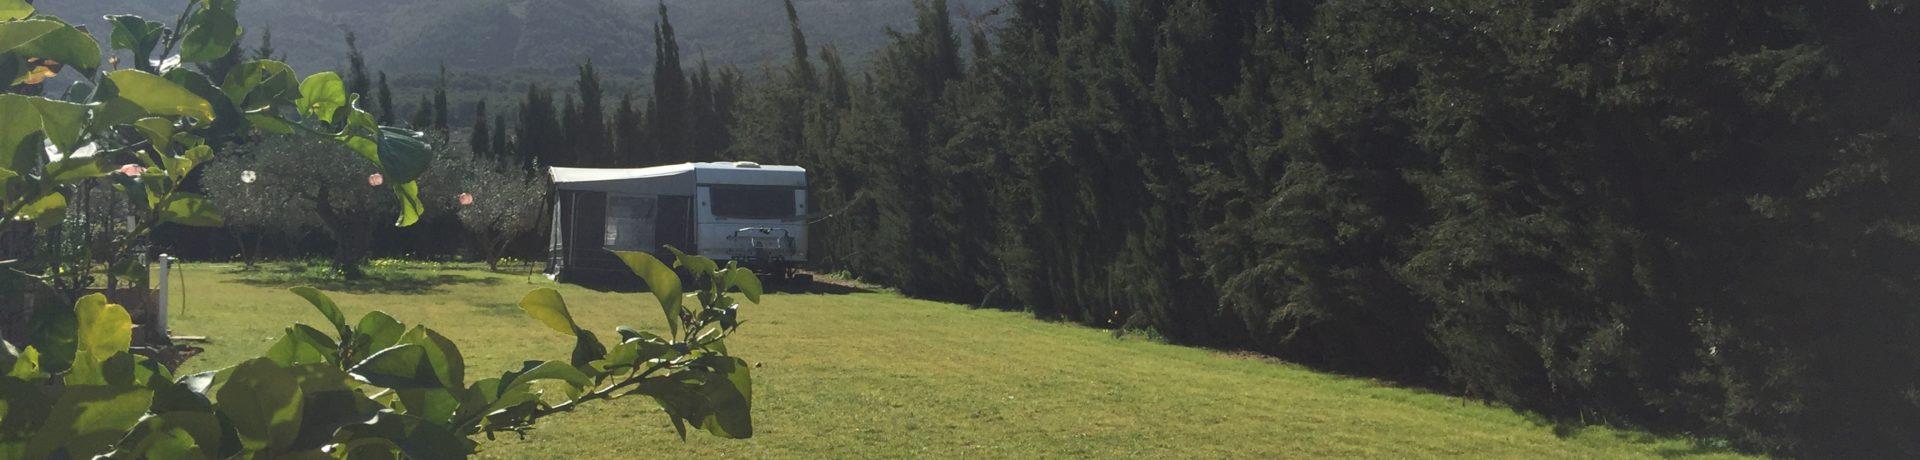 Minicamping Ardalejo is een charme camping in het plaatsje Alhaurín el Grande, net boven Malaga in een landelijk en heuvelachtig deel van Andalusië in Spanje.